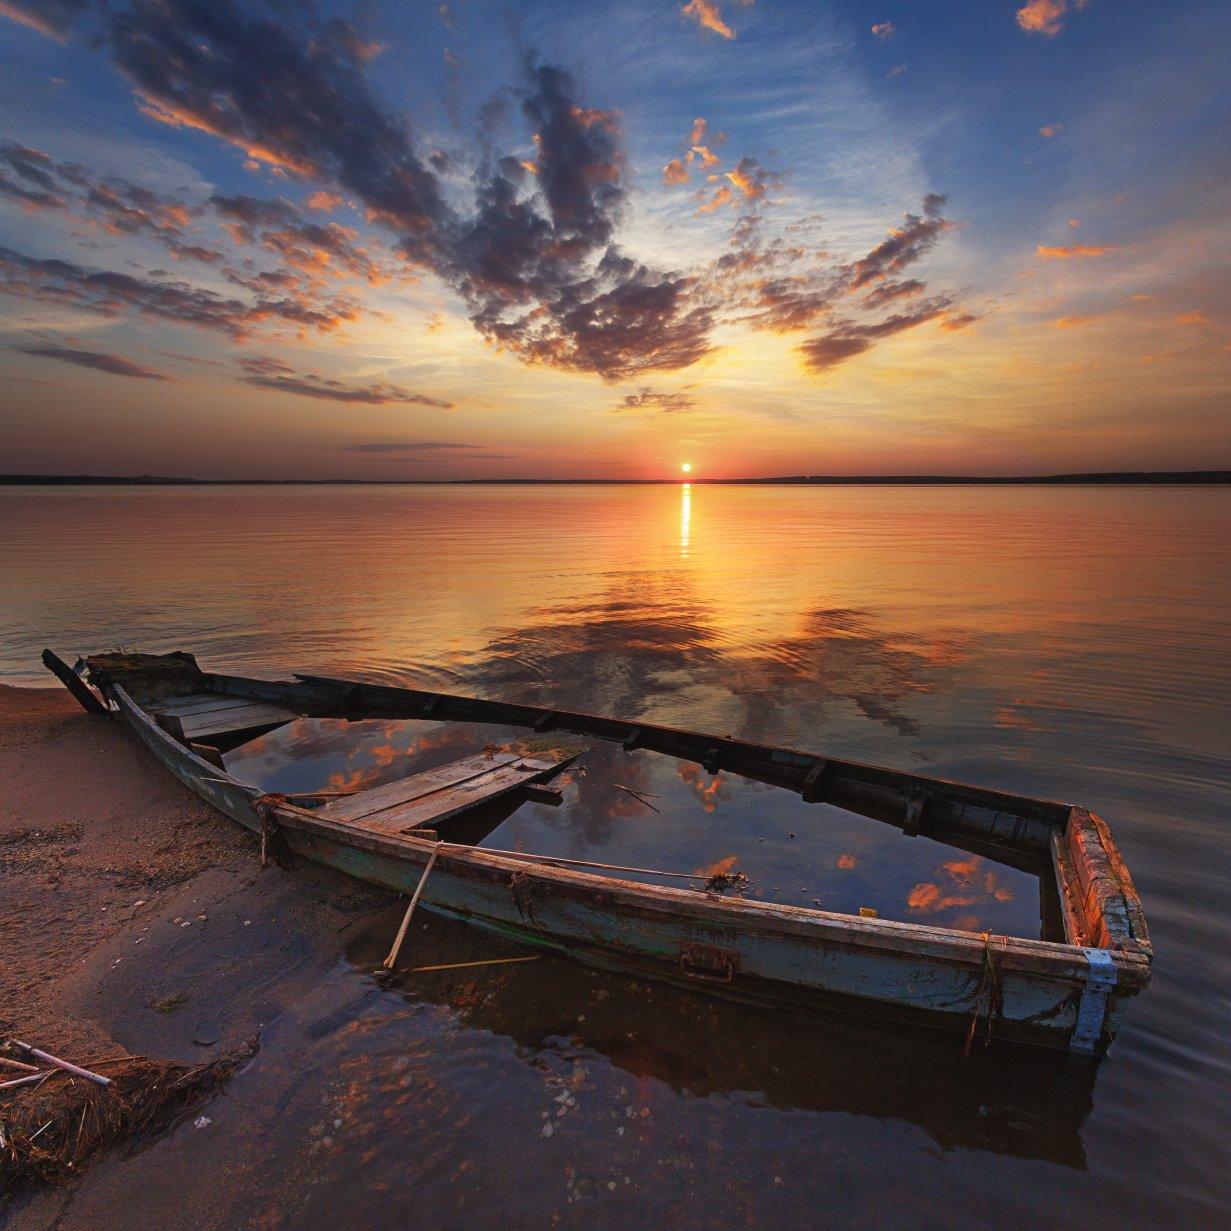 закат, лодка, озеро, Михаил Трахтенберг ( t_berg )